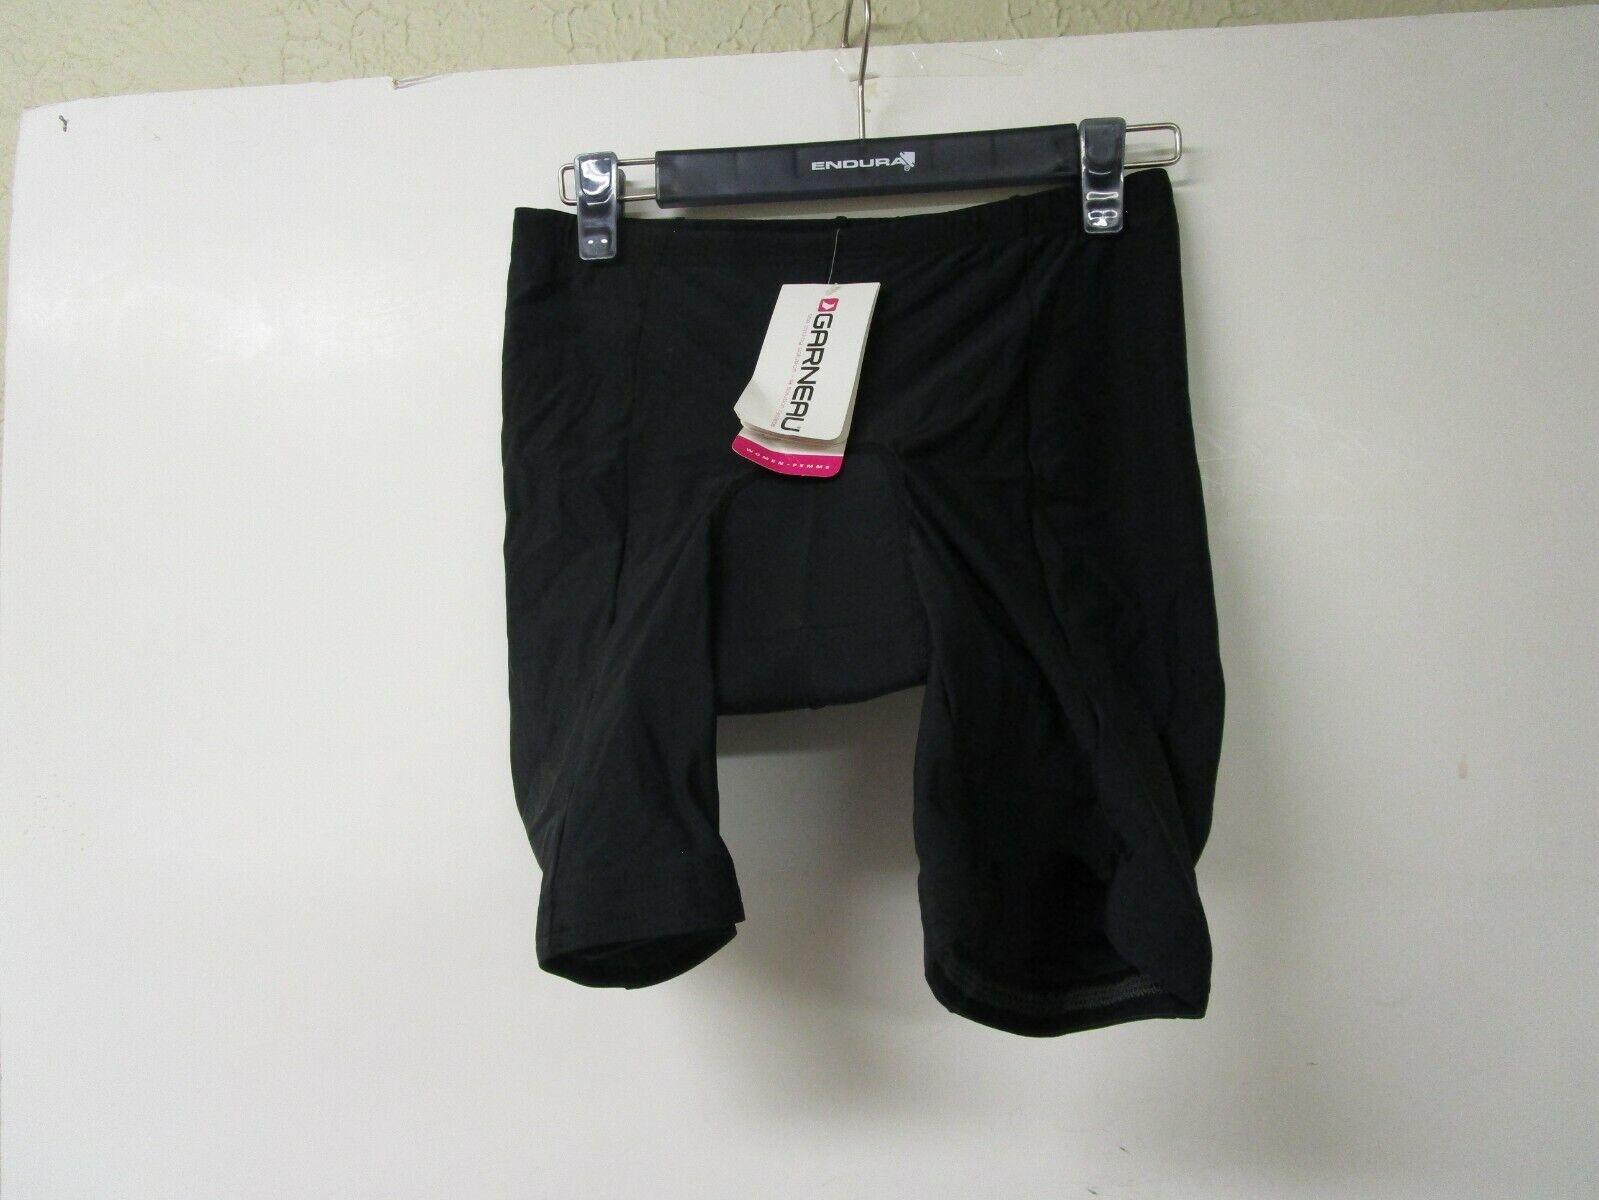 Solicitud de ciclismo bicicleta ciclismo shorts para mujeres Garneau XXL Negro 1050367 -  nuevo con etiquetas